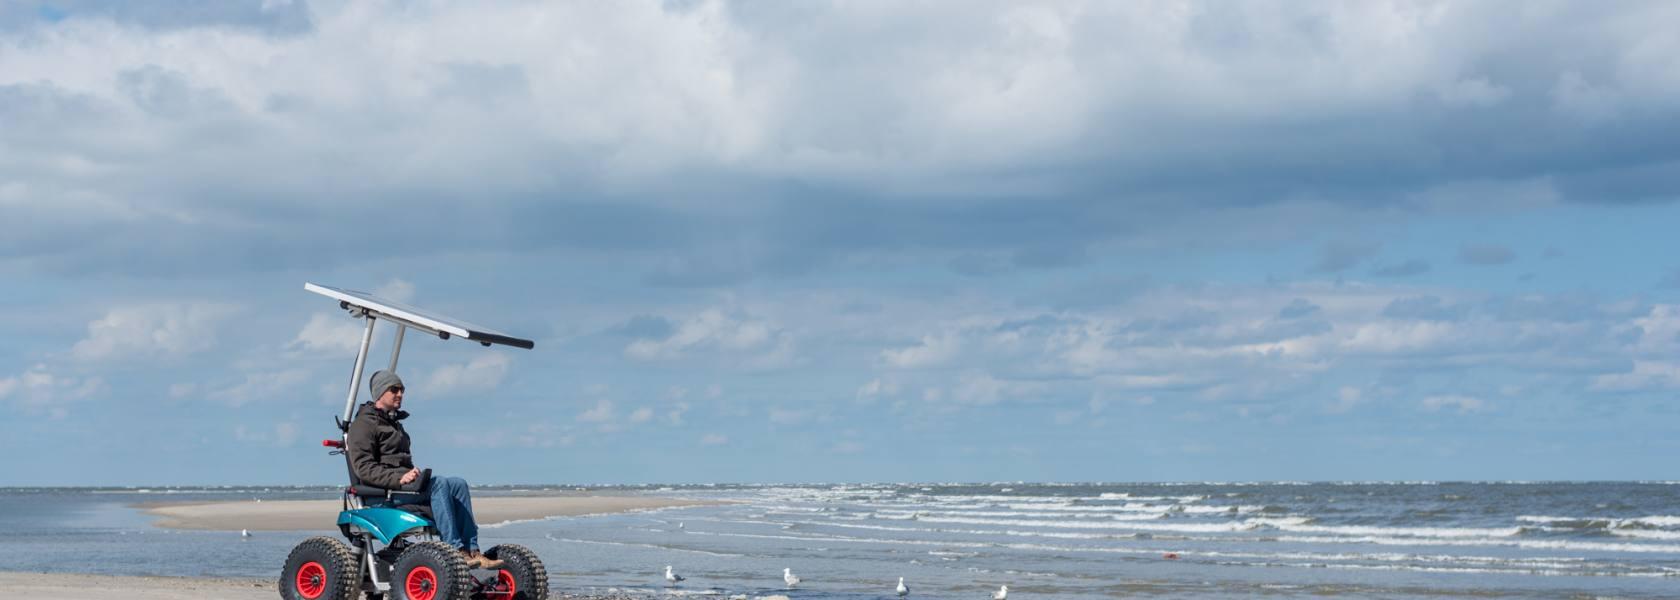 Auf Spiekeroog und Borkum können bewegungseingeschränkte Menschen ab sofort ungehindert den Strand und das Wattenmeer erkunden. Der neue Allradrollstuhl kann über die jeweiligen Kurverwaltungen gemietet werden., © Patrick Kösters, Spiekeroog